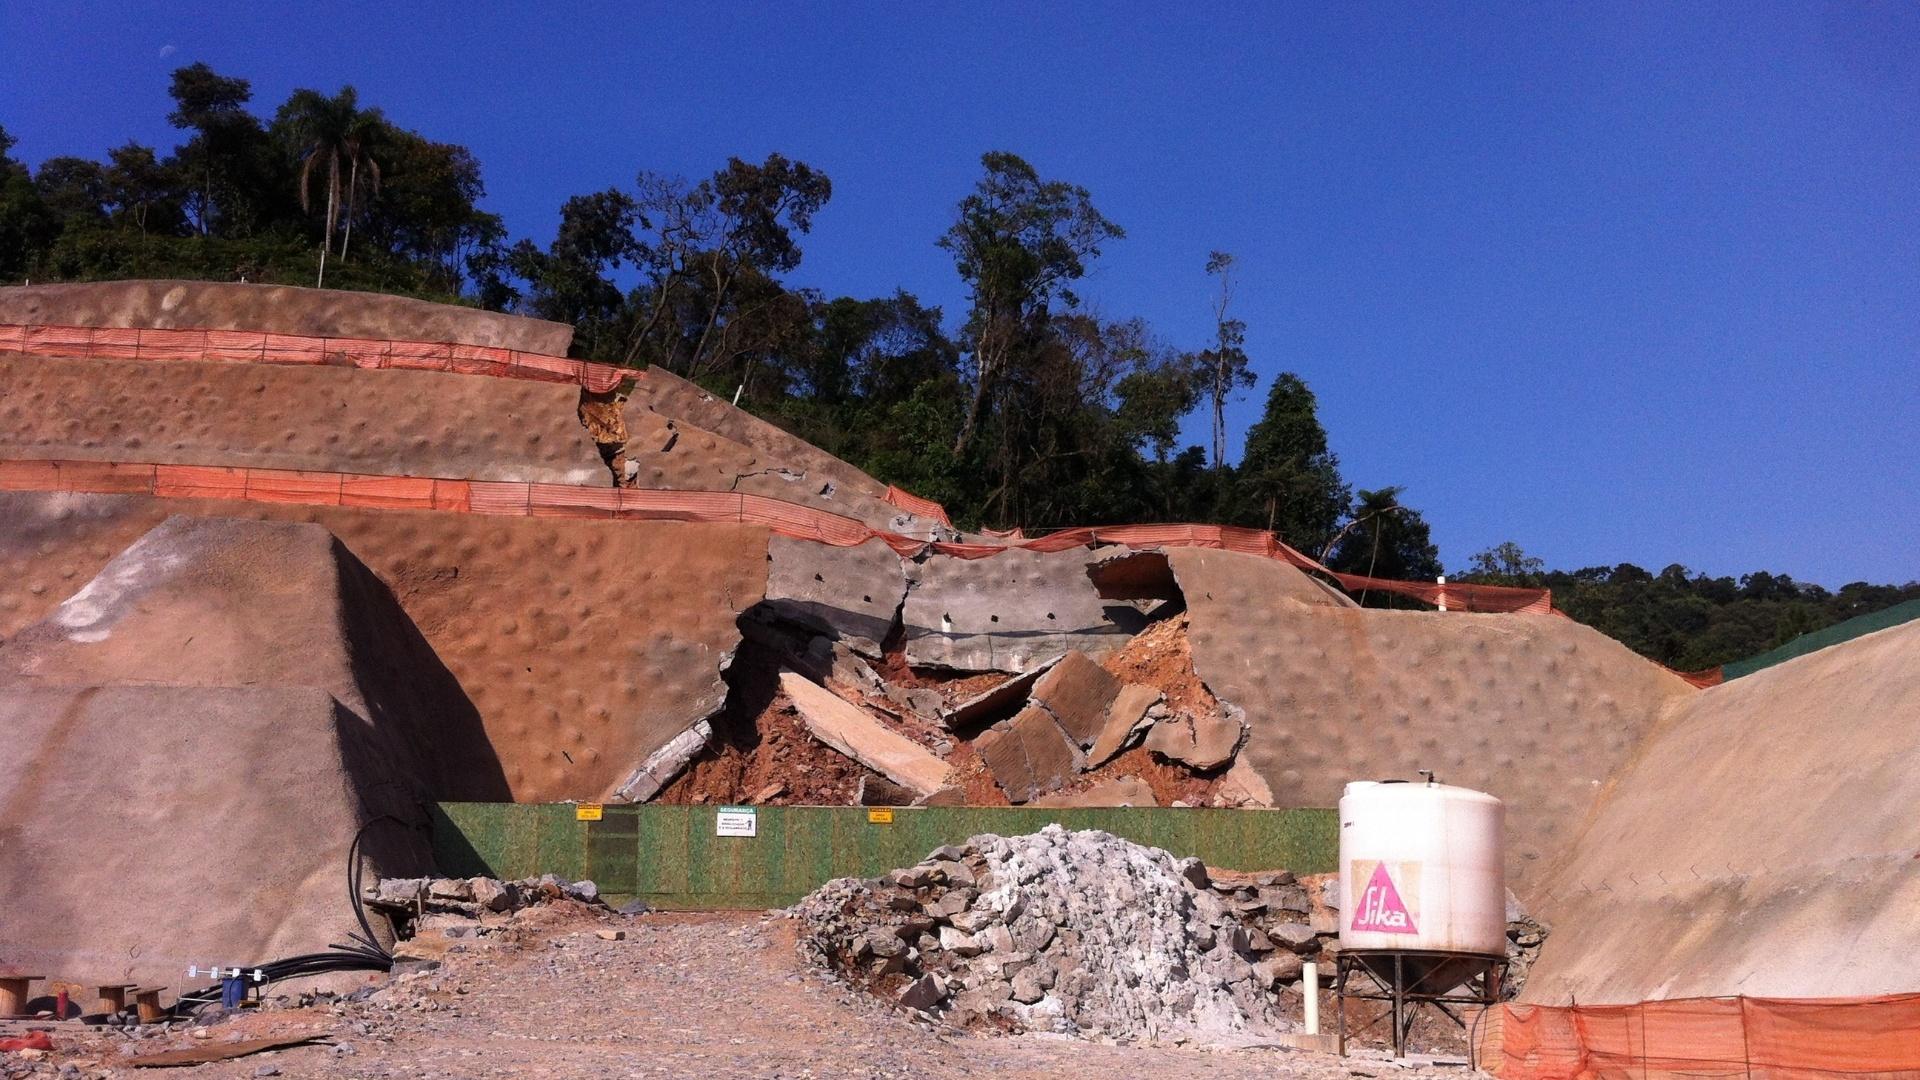 Túnel desabou em dezembro em área de preservação ambiental; Ministério Público de São Paulo investiga o caso